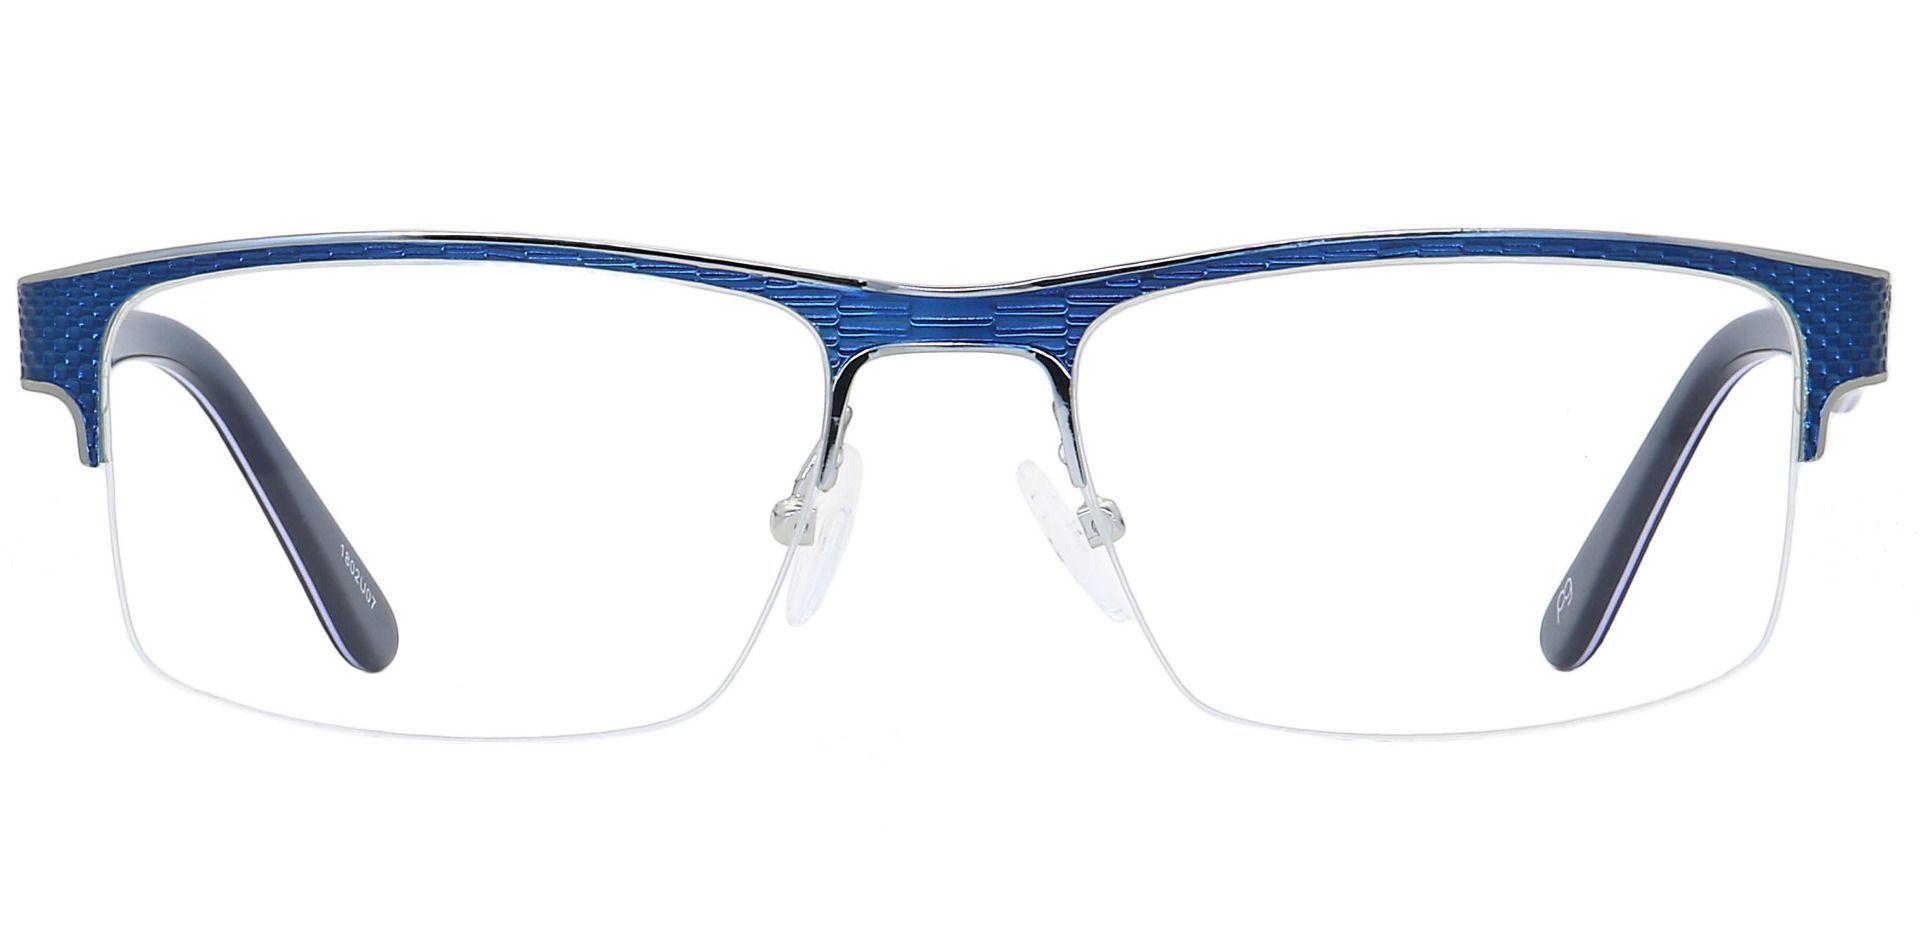 Executive Square Prescription Glasses - Blue